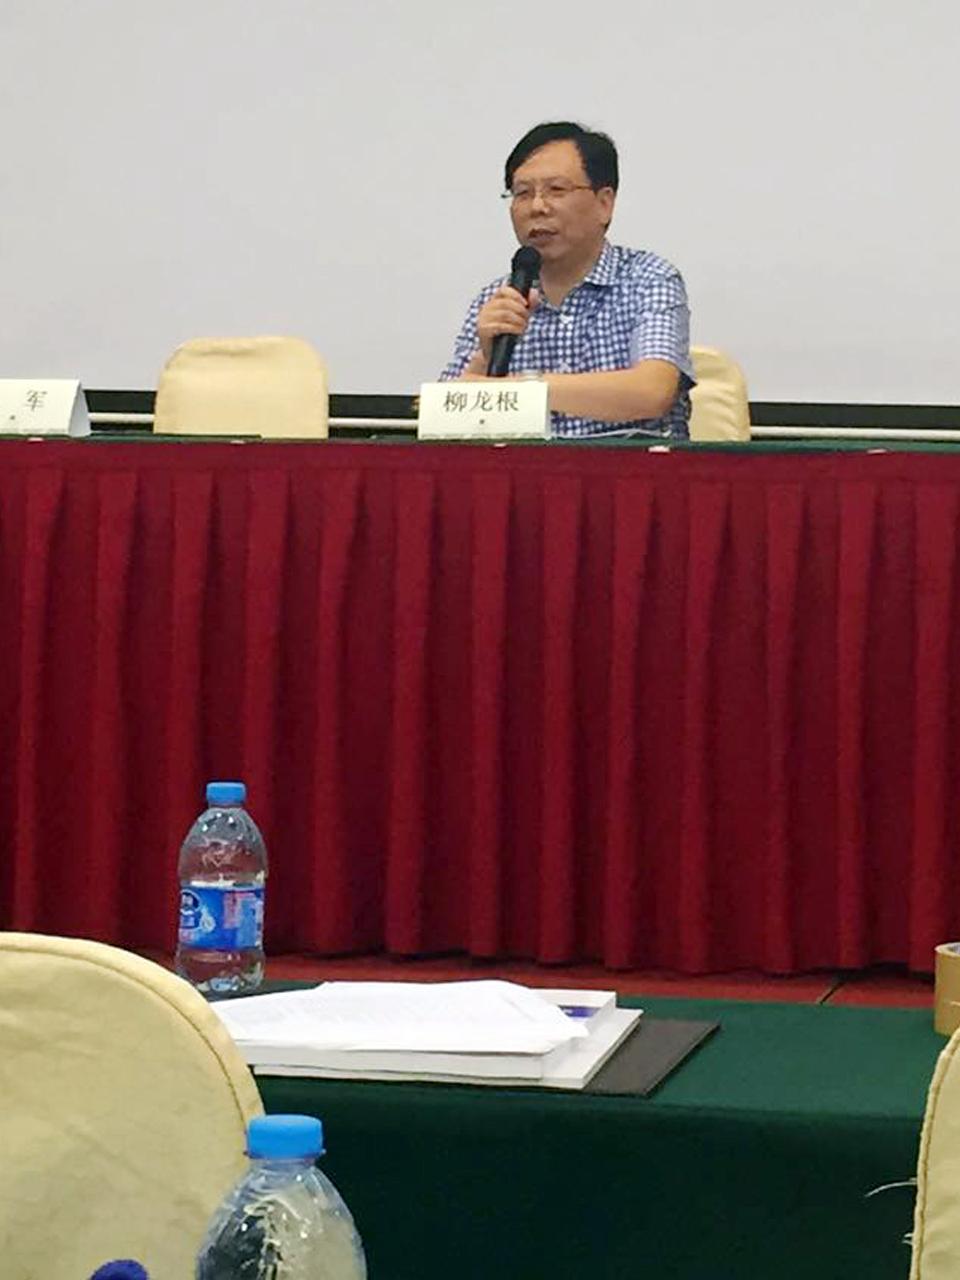 为提高常州、镇江地区感染病和肝病学科临床诊疗水平,共同学习慢性乙肝及相关疾病在诊疗方面的国际最新指南和共识,为本地区的肝病患者提供最先进的诊疗技术和服务,常州三院肝病科于6月13日邀请北京亚太肝病诊疗技术联盟理事长、中华医学会感染病分会副主任委员、首都医科大学附属地坛医院副院长、博士生导师成军教授率领联盟成员来常州讲学。会议由常州市医学会感染病专业委员会主任委员、第三人民医院副院长、肝病科学科带头人柳龙根教授主持,来自三院的肝科专家陆建春主任、郑中伟主任、严桐主任及常州、镇江地区的肝科、肝脏肿瘤科、感染科